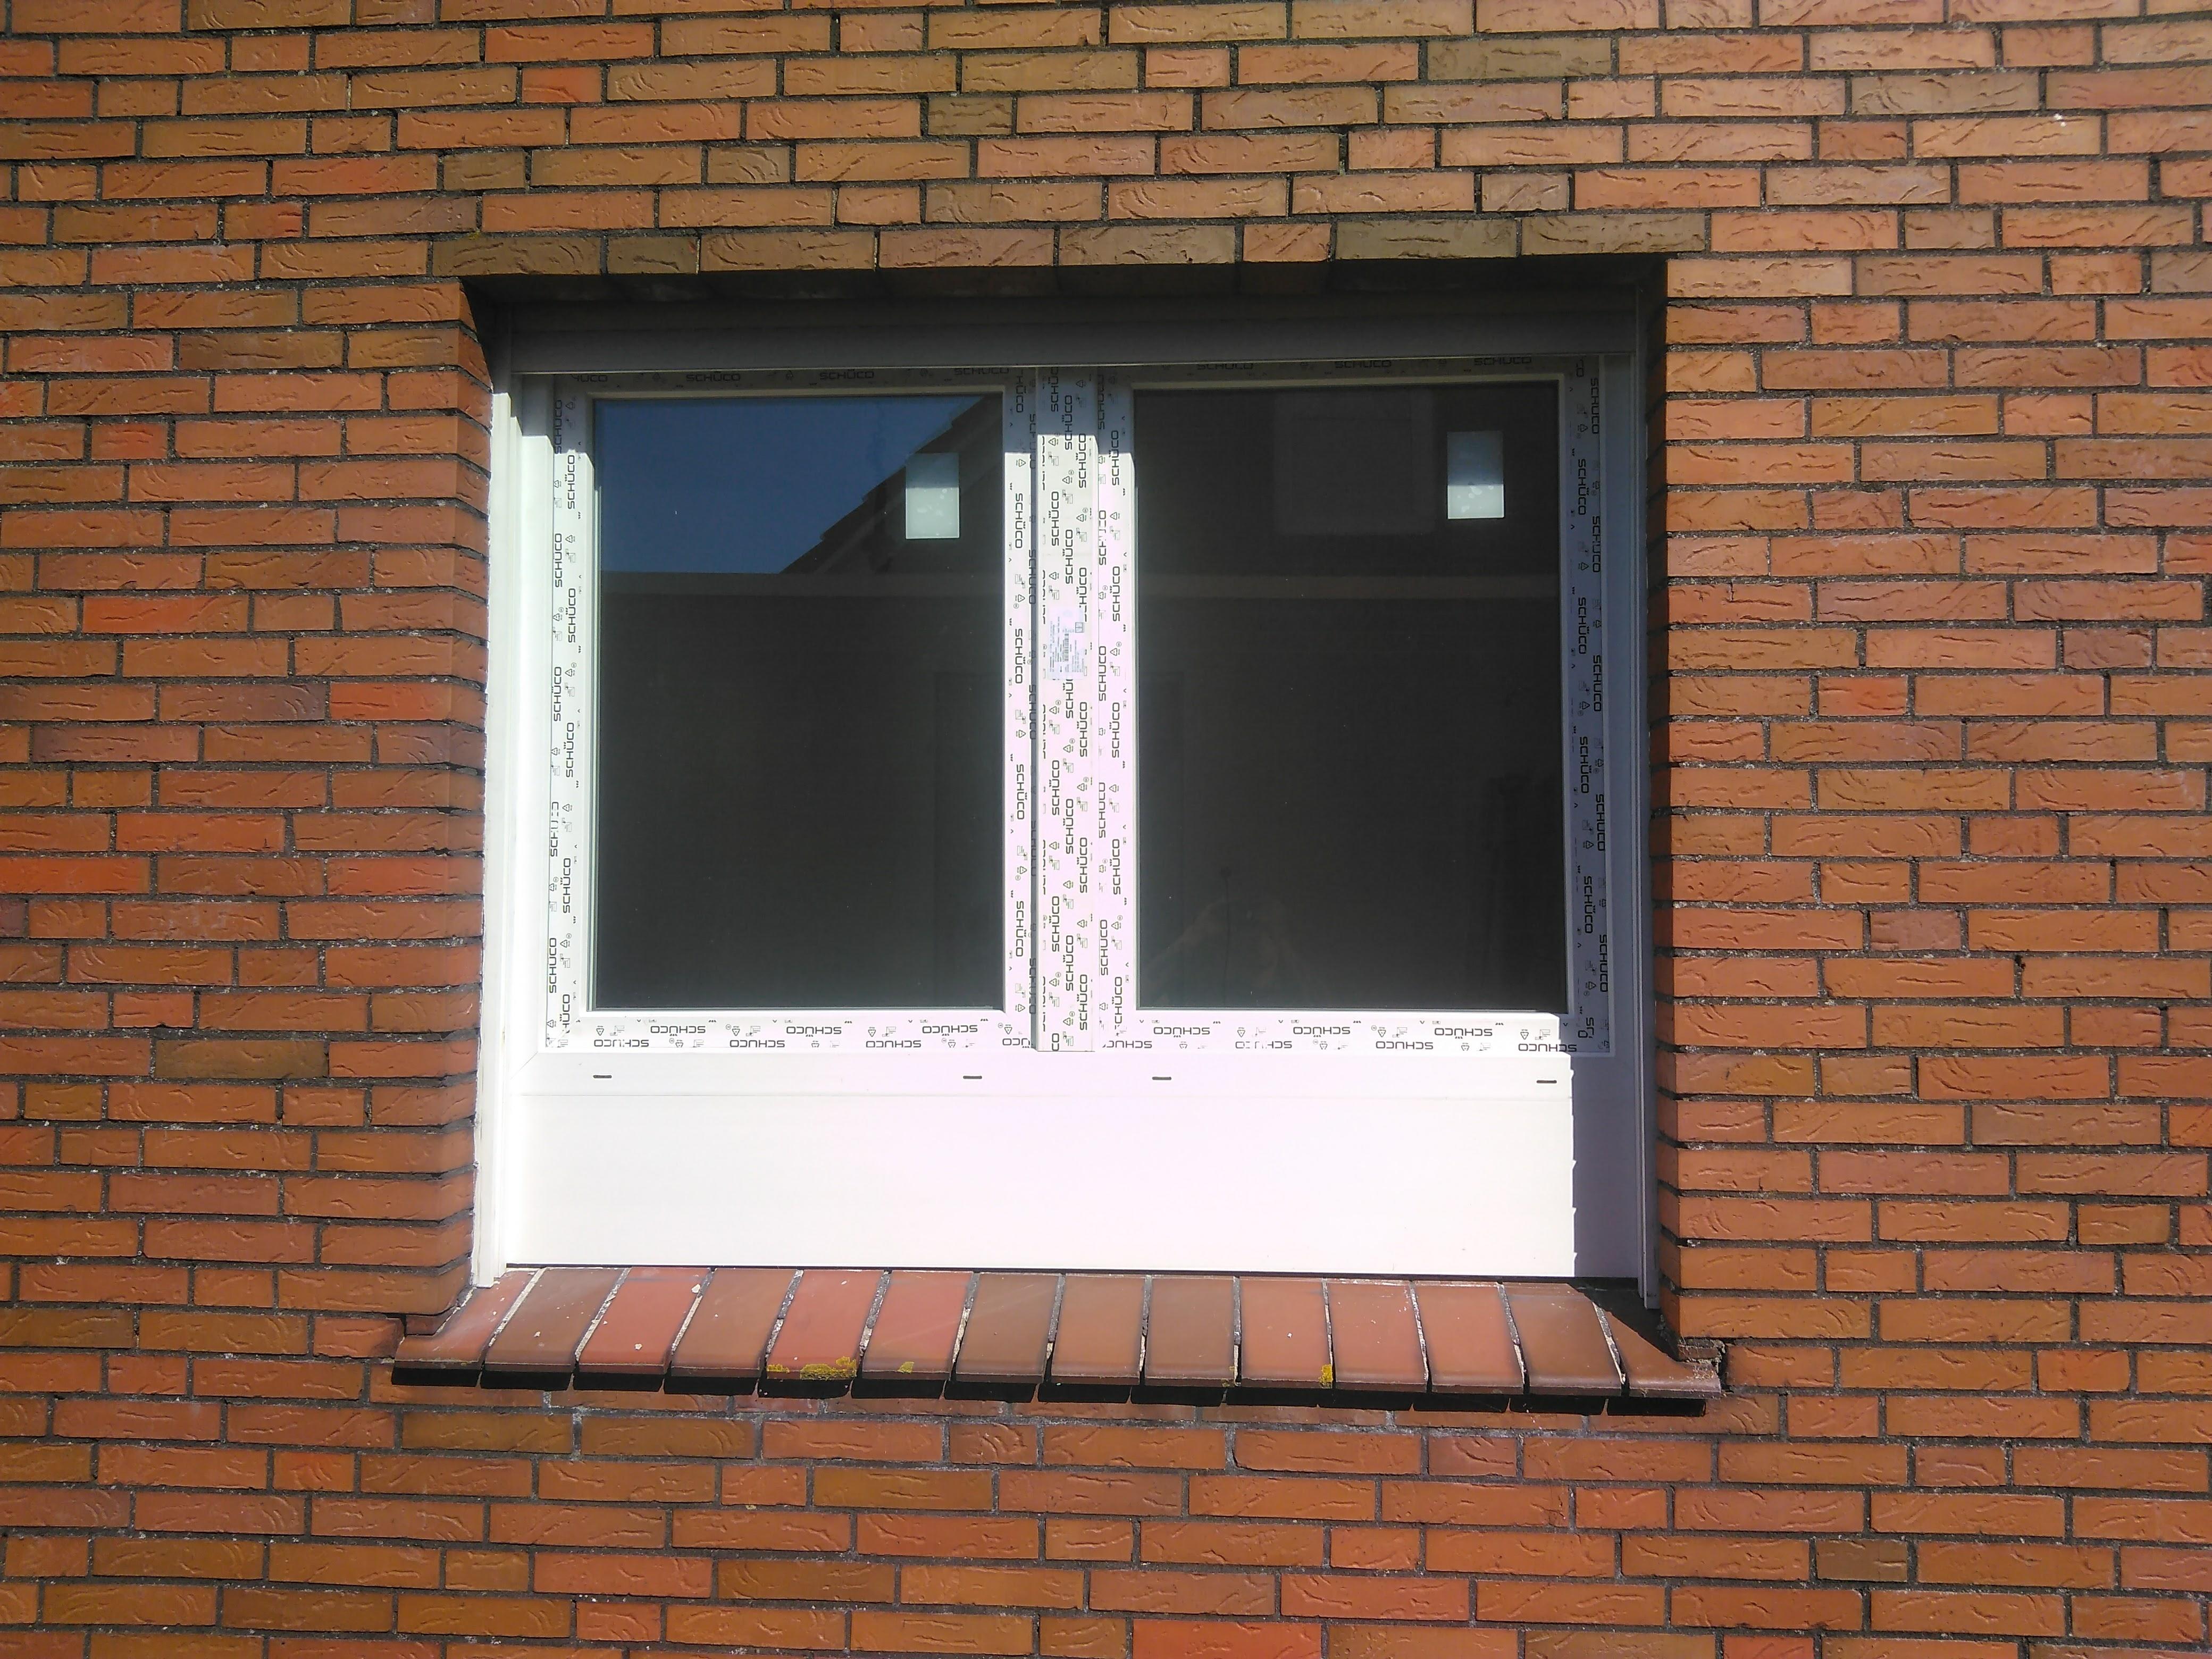 Küchenfenster mit mehrfacher Aufdopplung Frontansicht